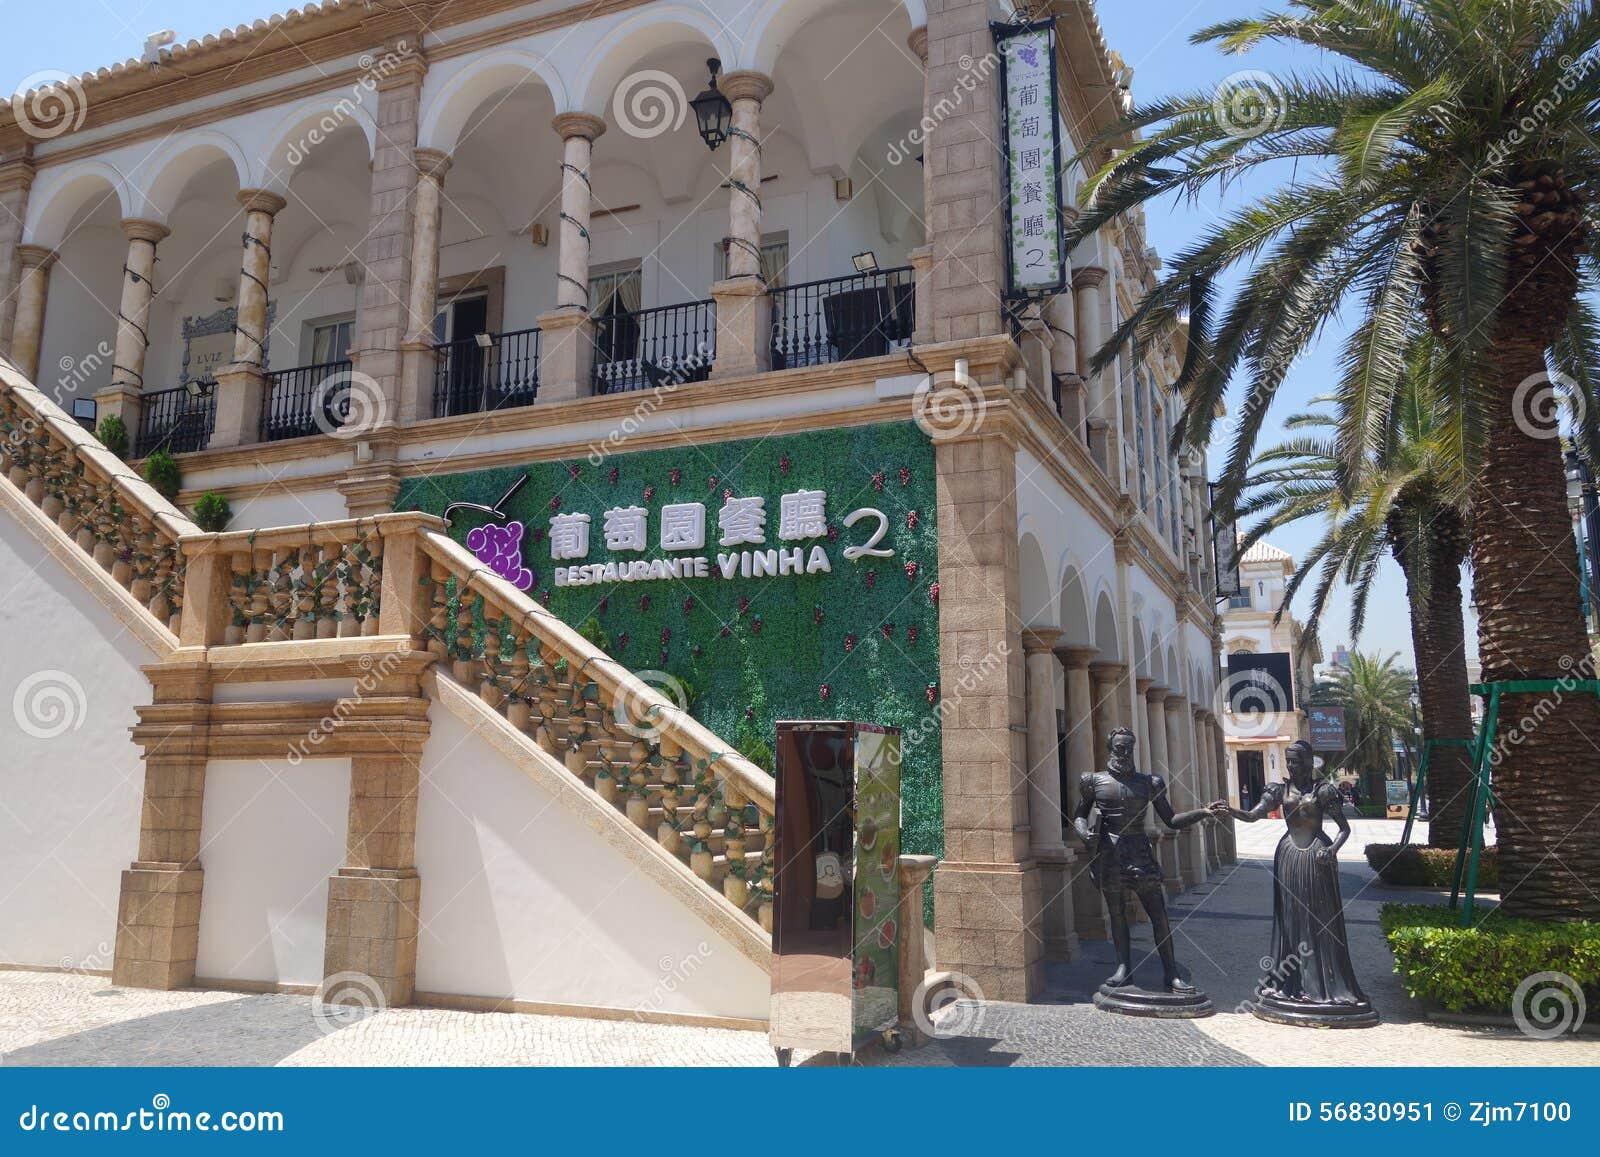 Azja Chiny, Macao, rybaka nabrzeże, Europejska architektura